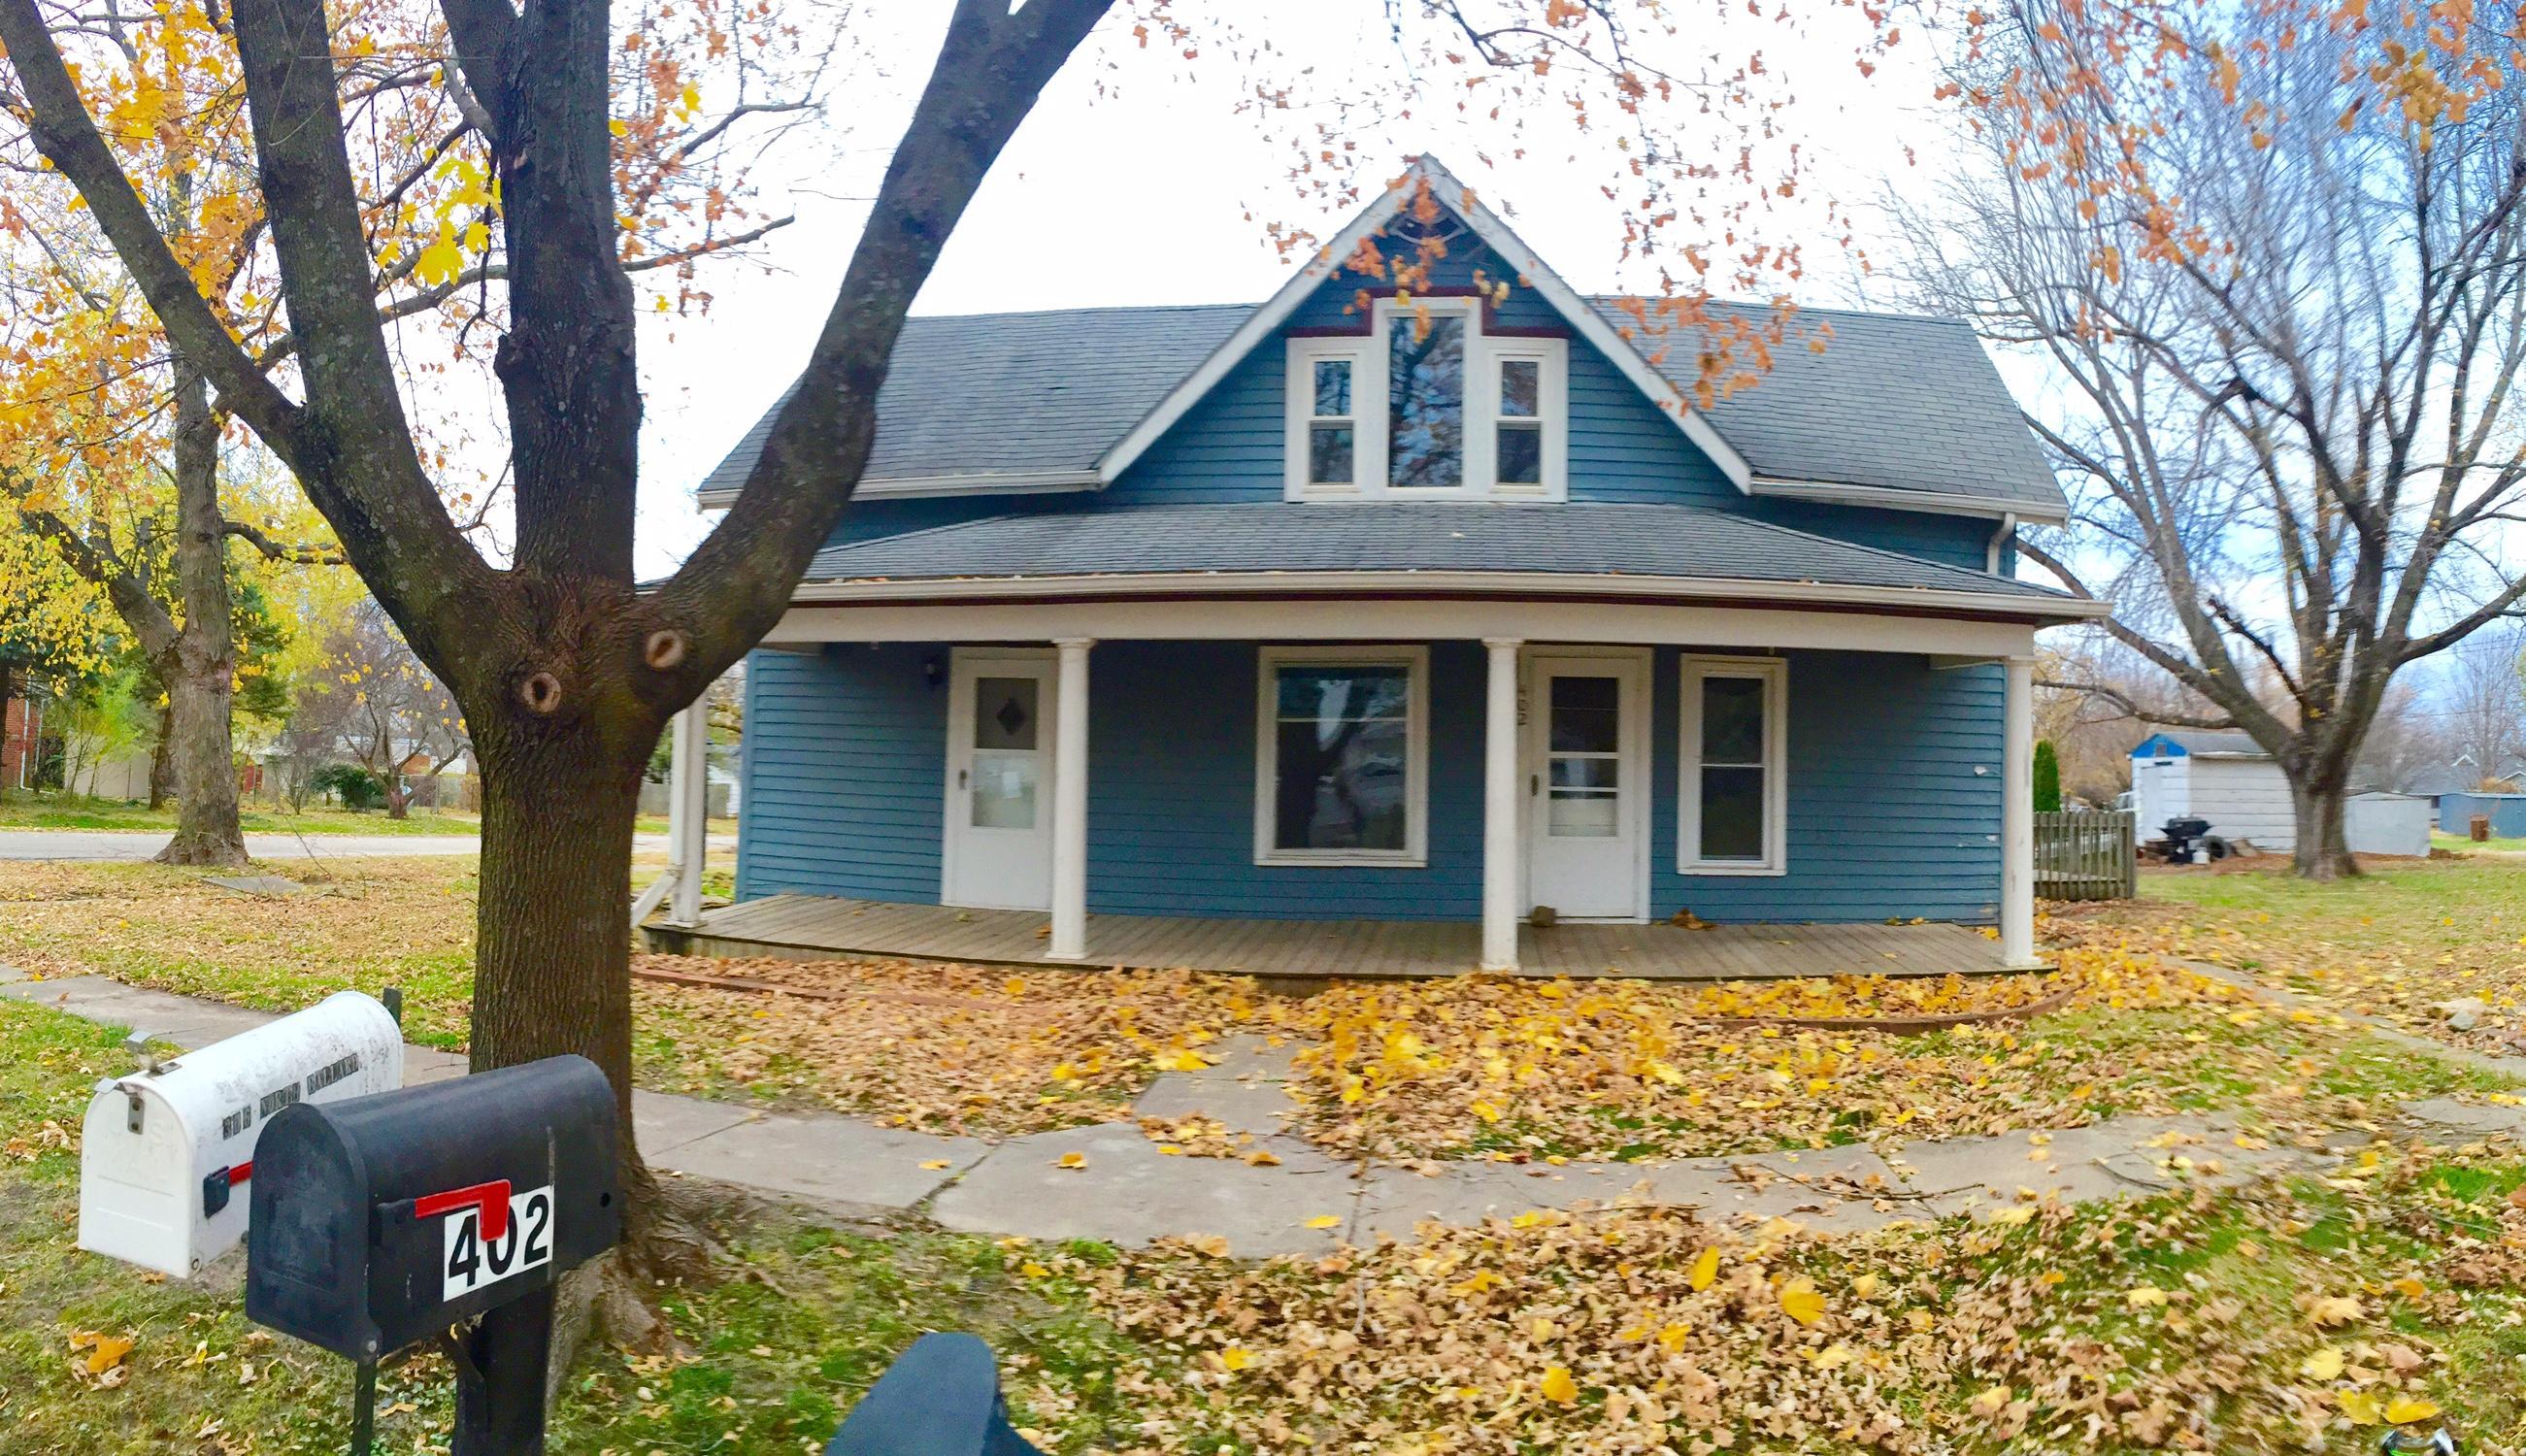 402 Ballard , Burlington Junction, Missouri 64428